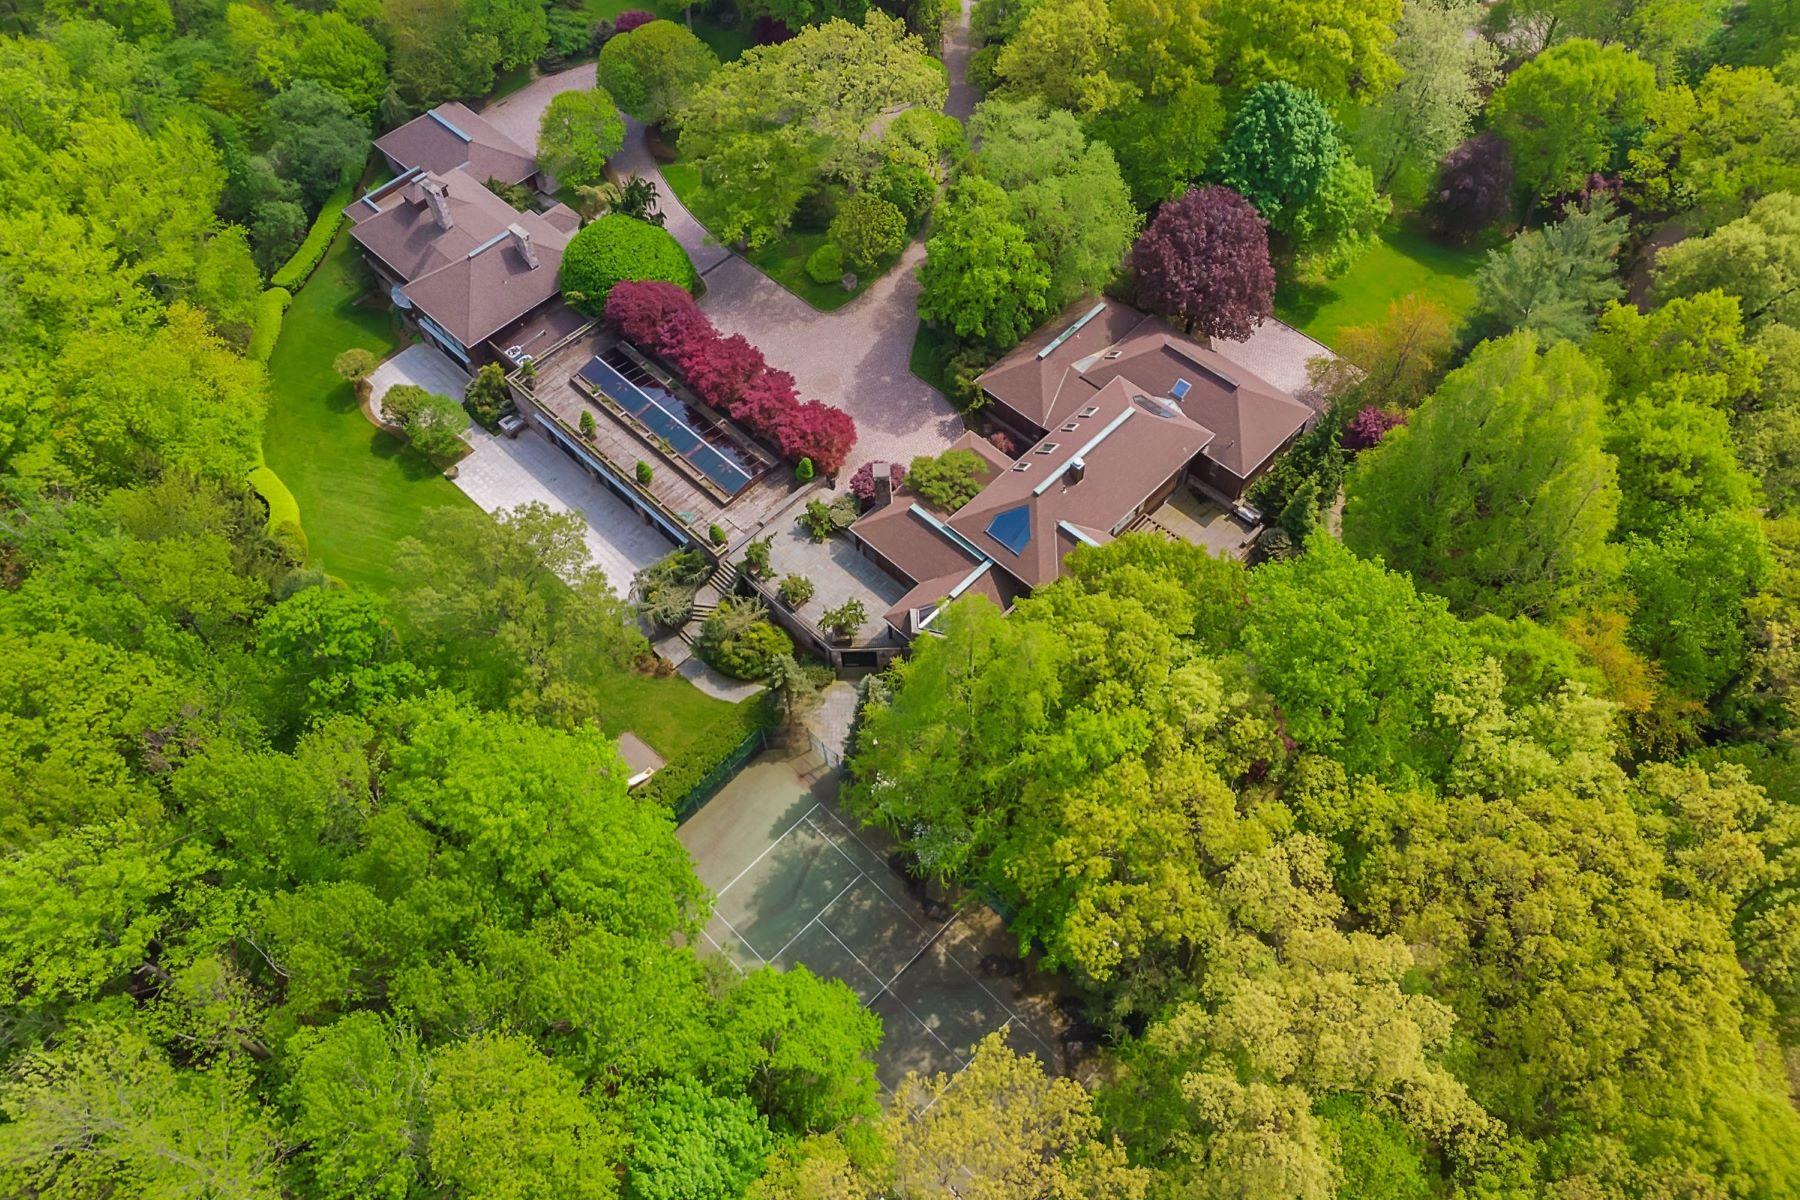 Casa Unifamiliar por un Venta en 4 Acre Estate with Guest Home 27 Timberline Dr, Alpine, Nueva Jersey 07620 Estados Unidos